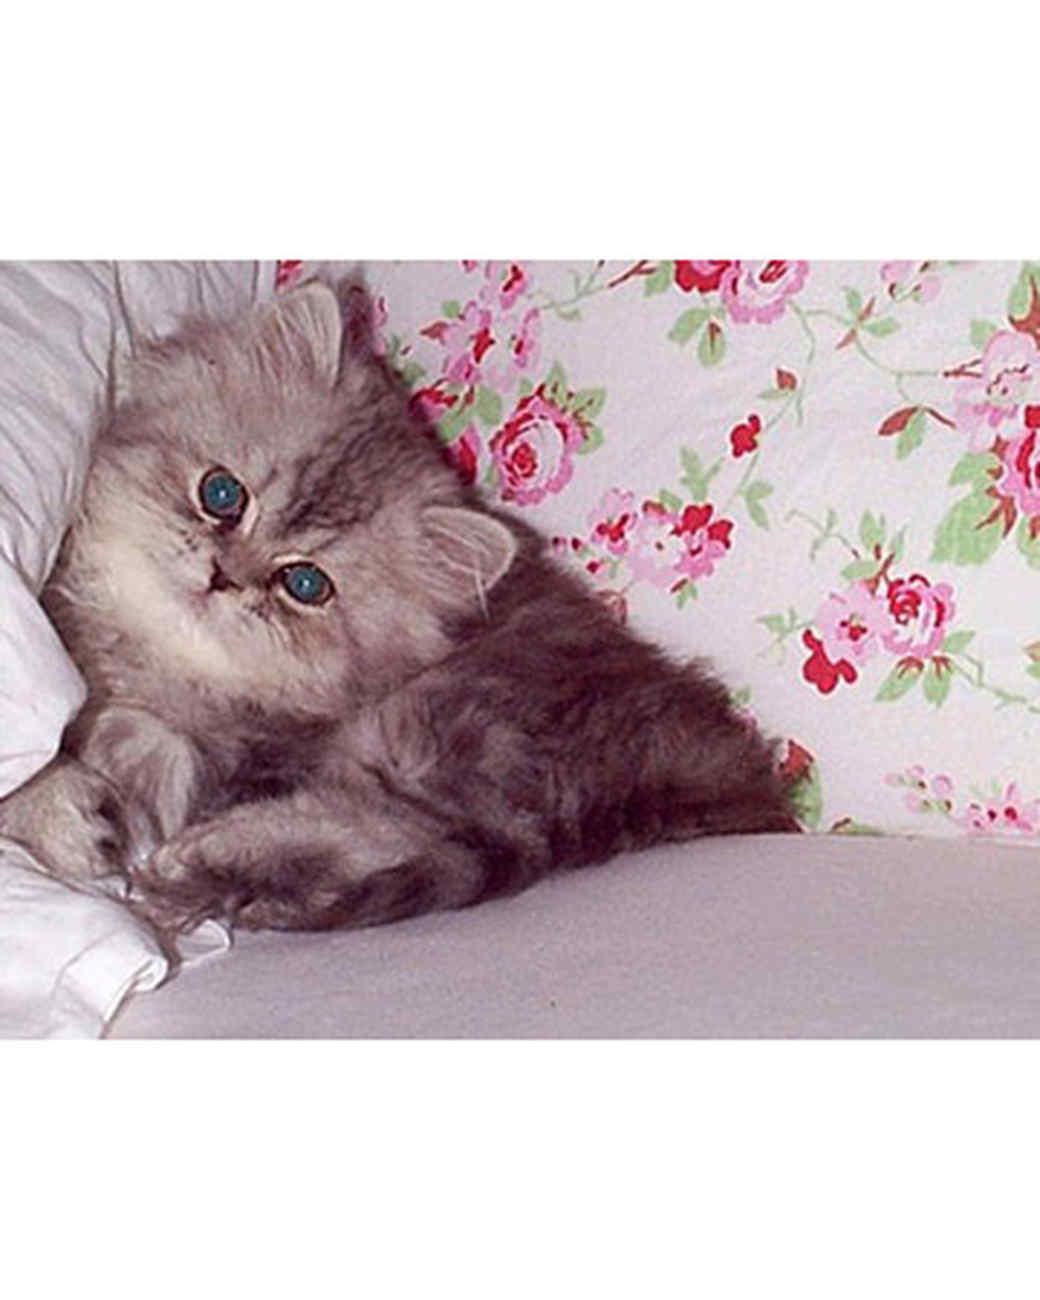 pets_kittens_0710_9551248_22122906.jpg